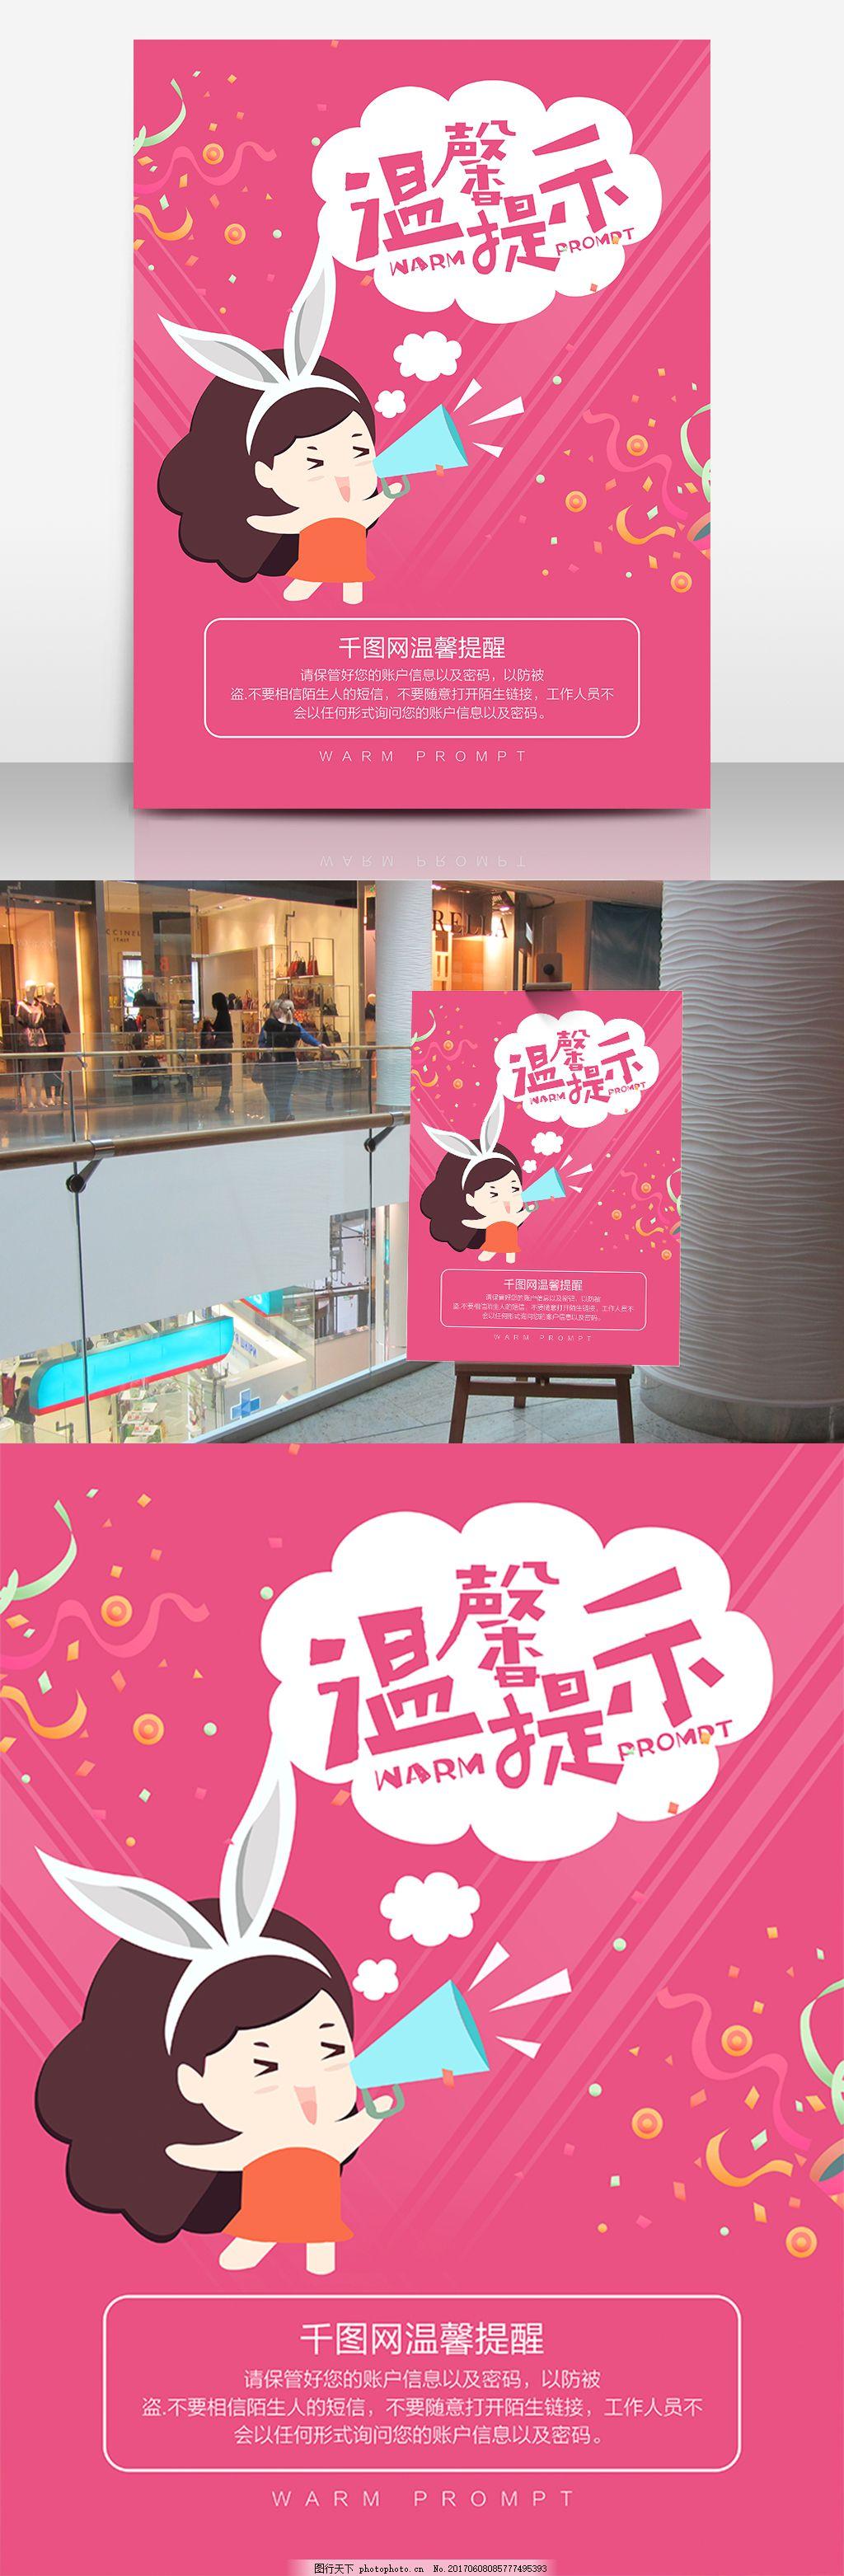 简约可爱温馨提示宣传海报设计 简约 可爱 温馨提示 温馨提醒 温馨